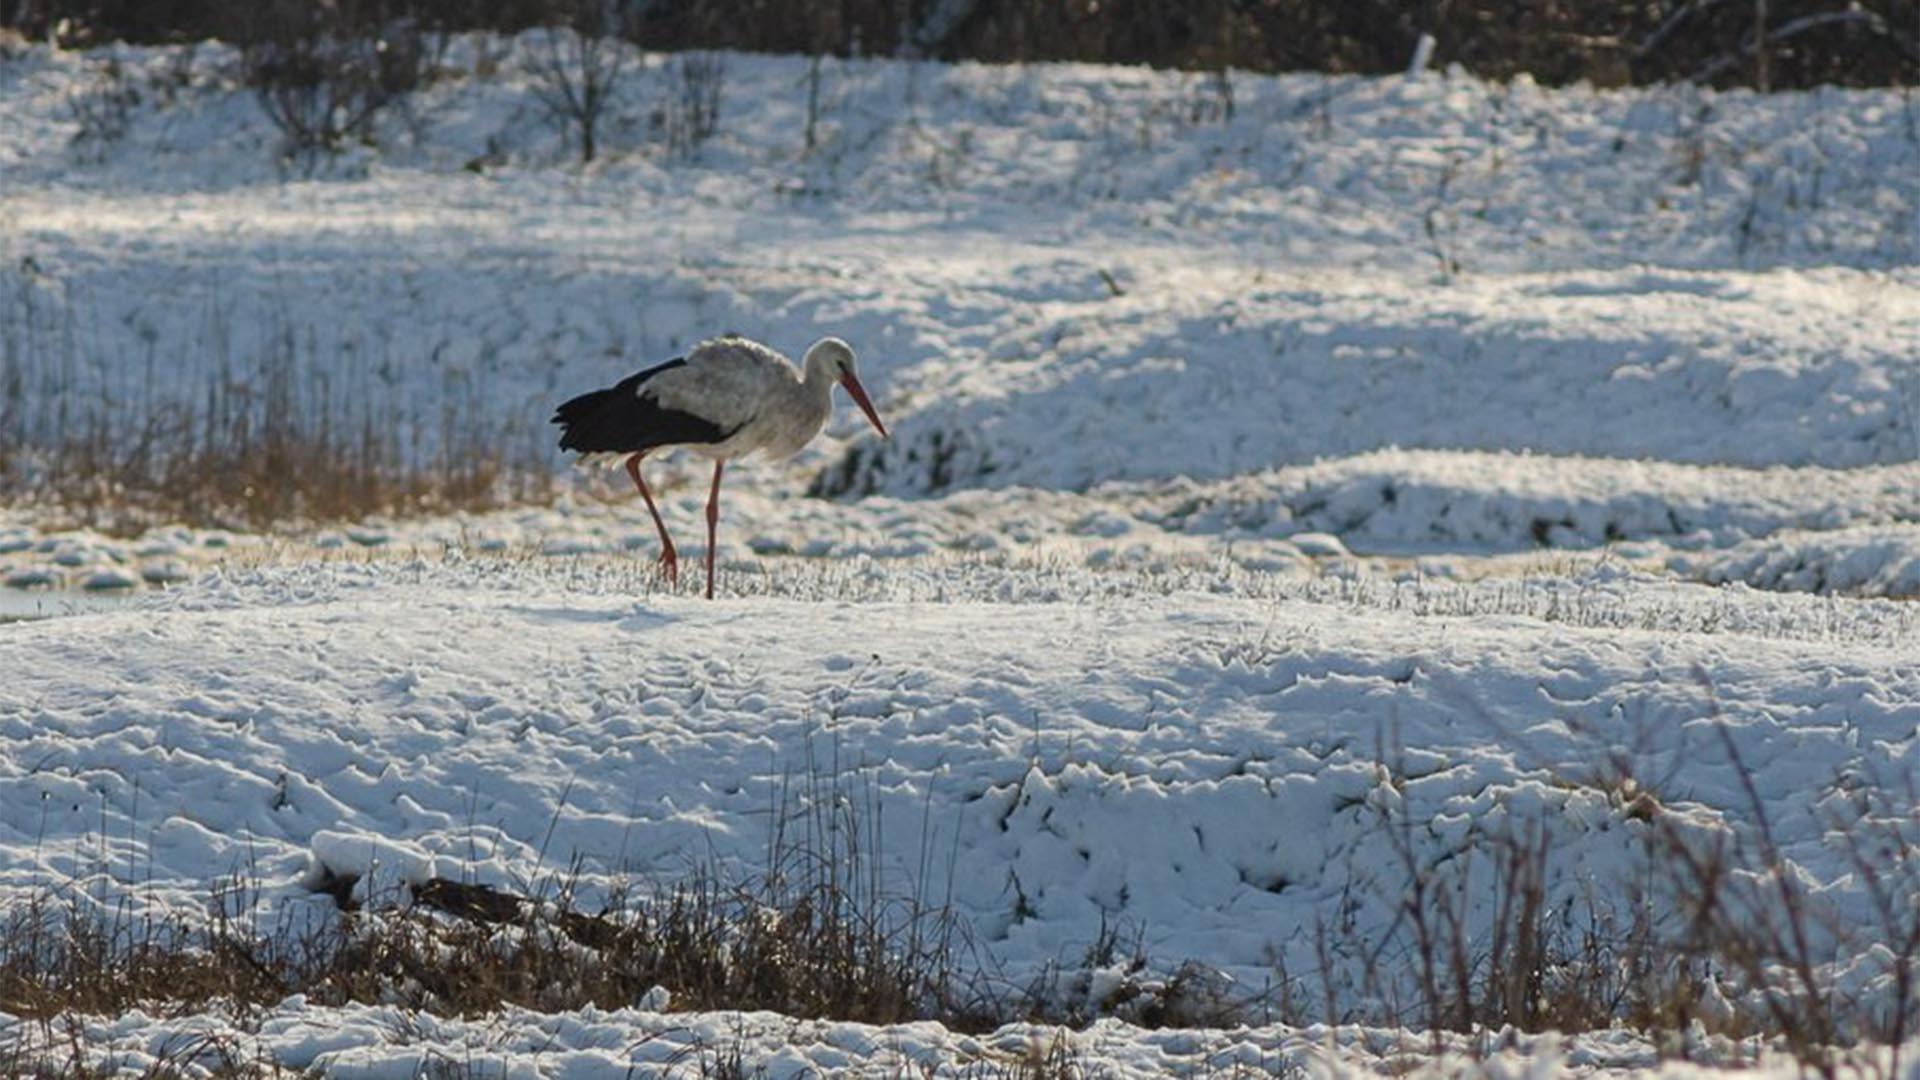 Áttelelő gólyát észleltek Szatymaz környékén